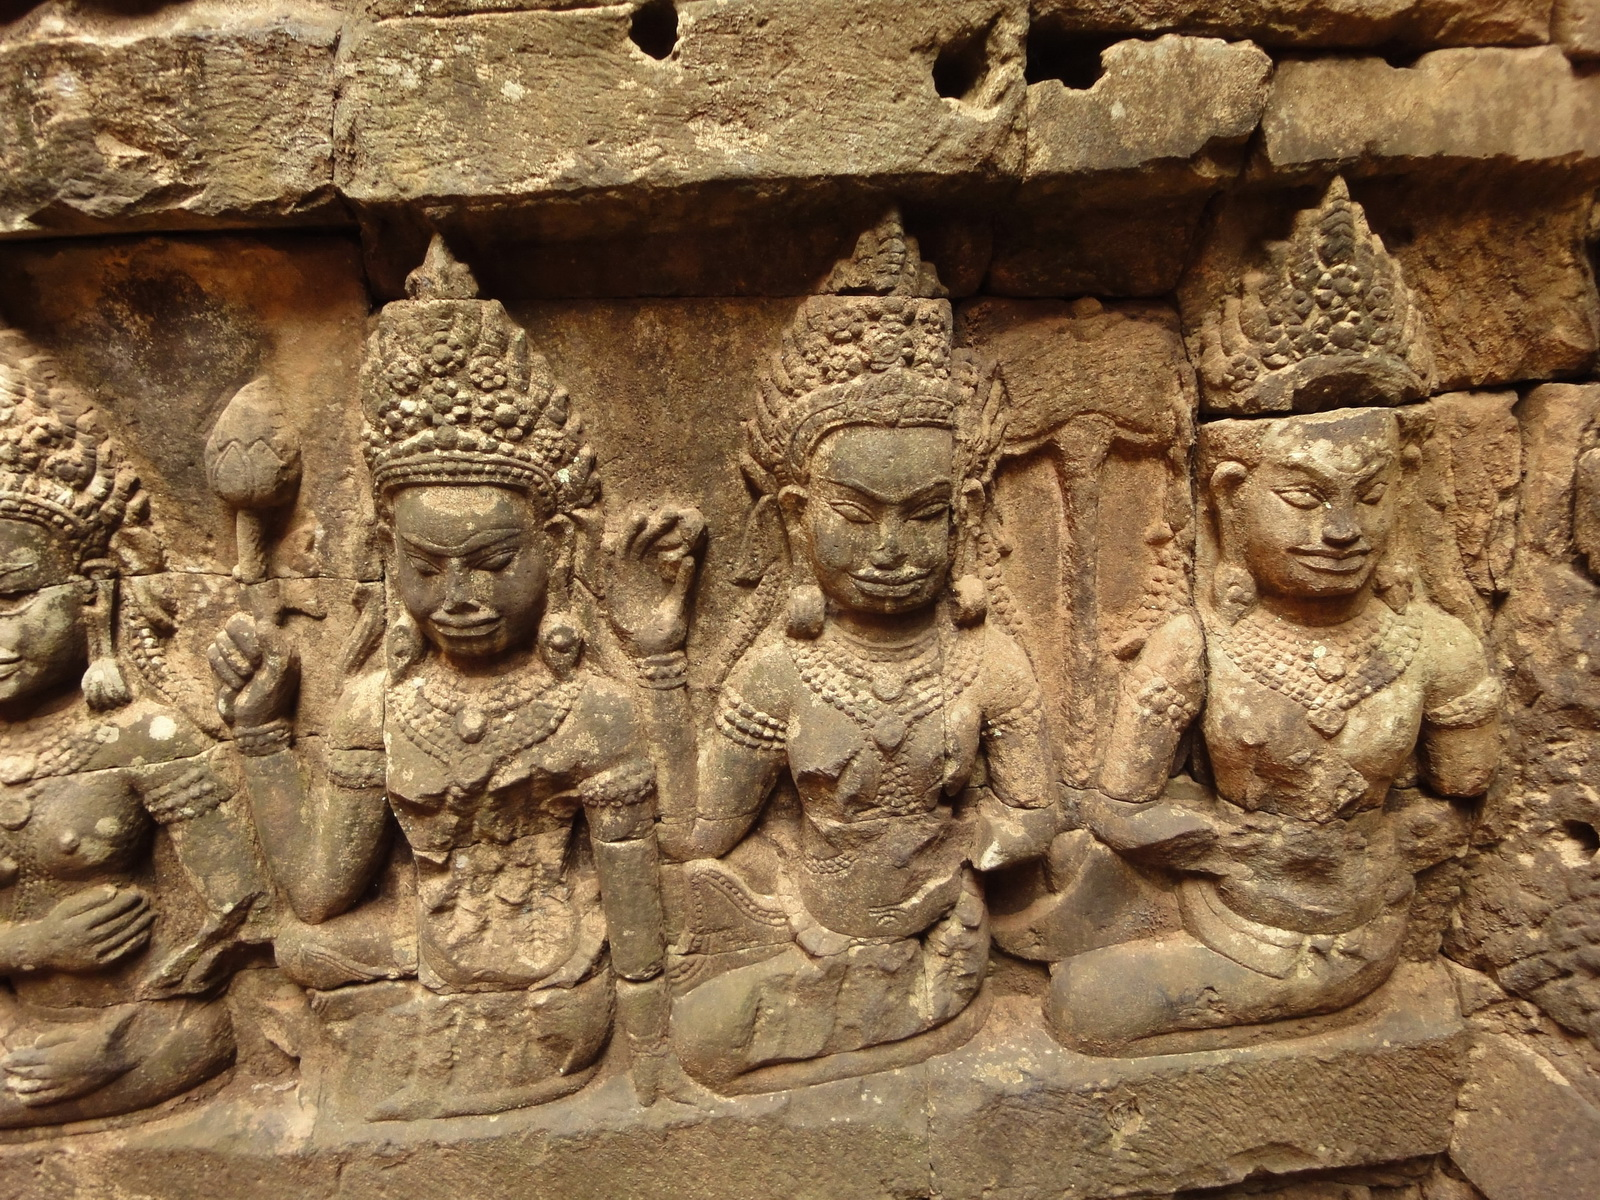 Leper King Terrace hidden wall underworld Nagas and deities 101